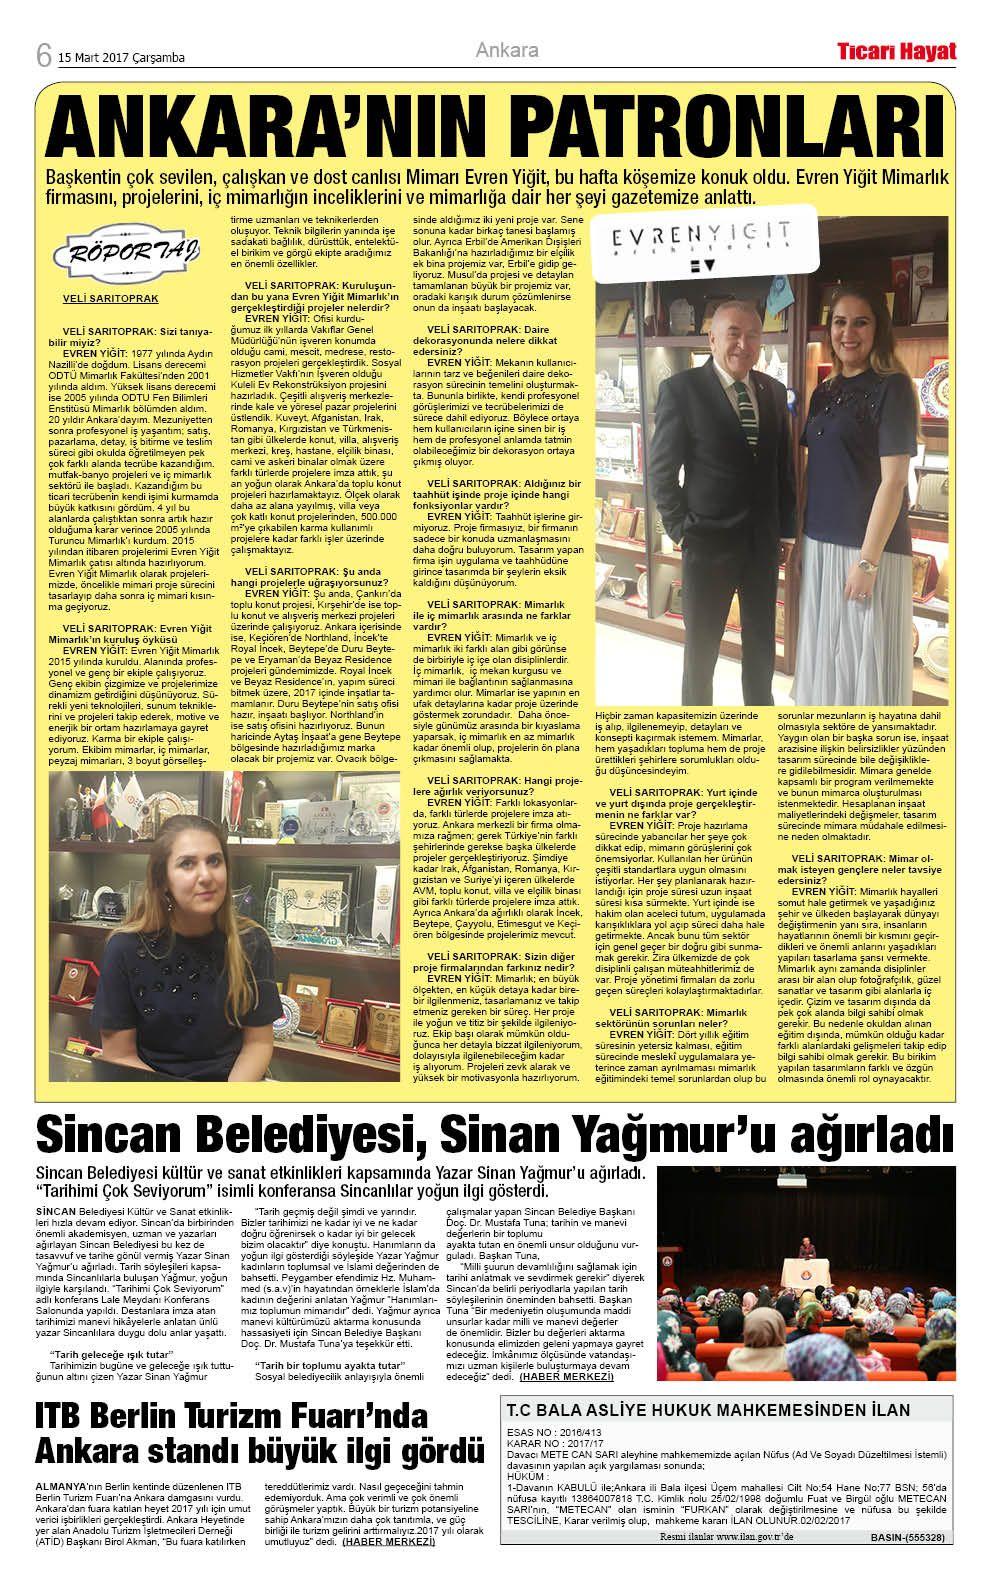 Evren Yiğit | Tusiav Başkanı Sayın Veli Sarıtoprak ile röportajımız Ticari Hayat gazetesinde. | Sıradışı Digital